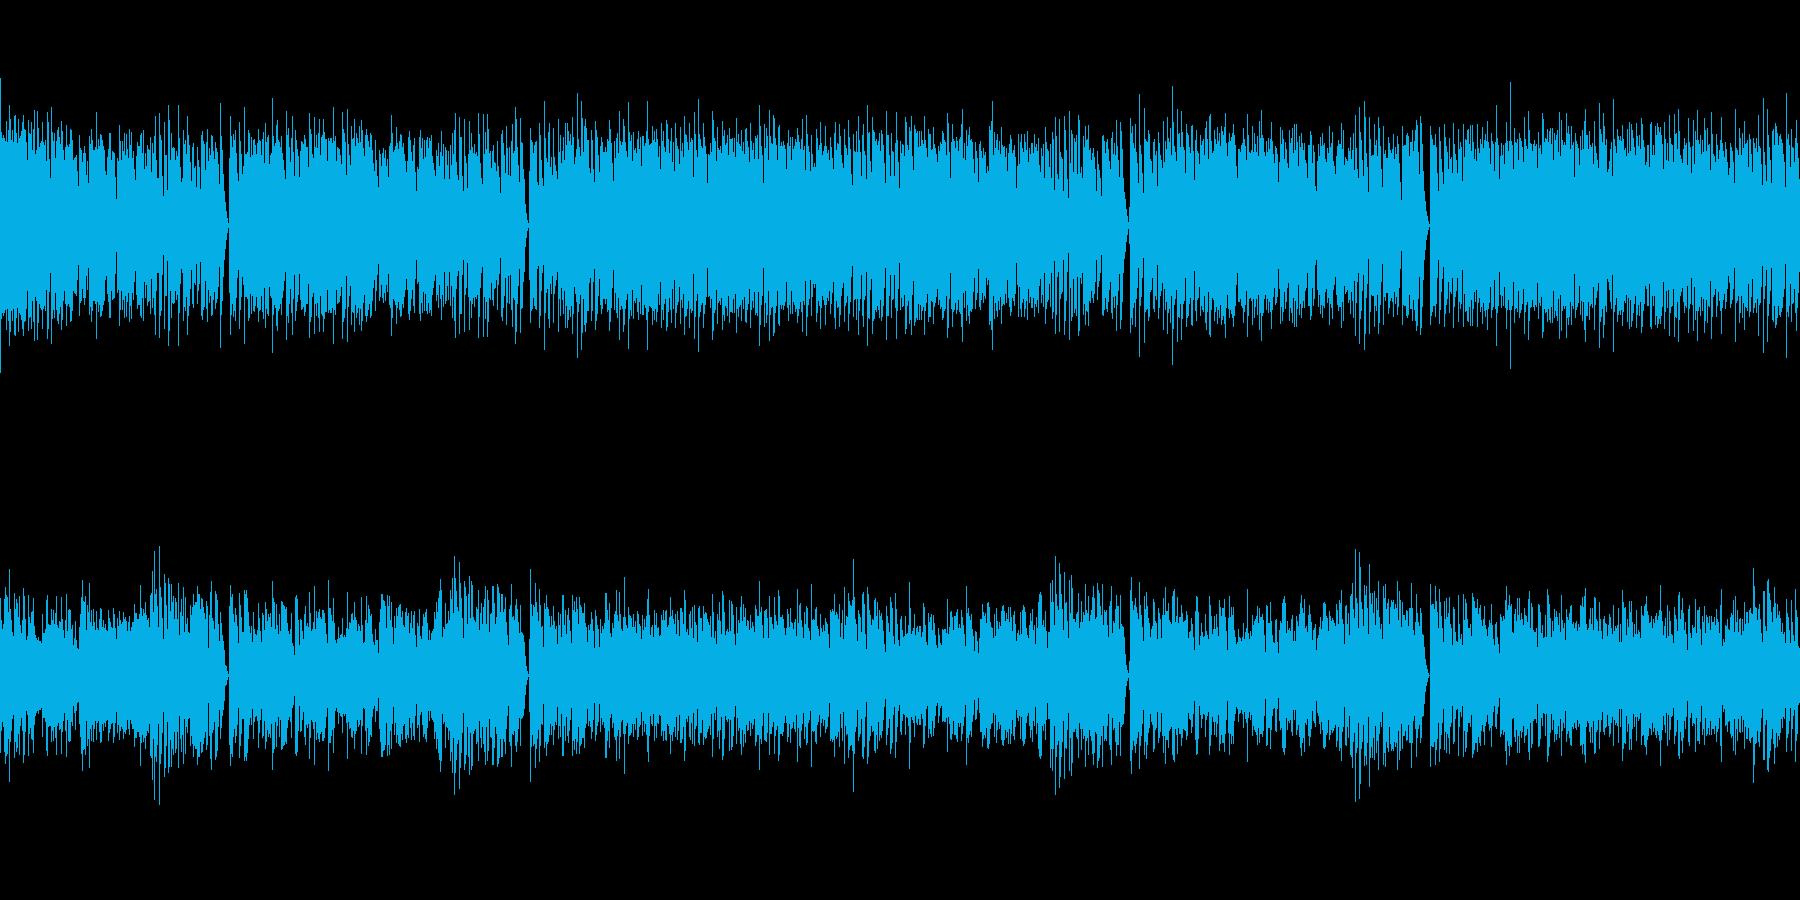 メイプルリーフラグ ピアノ(2)の再生済みの波形